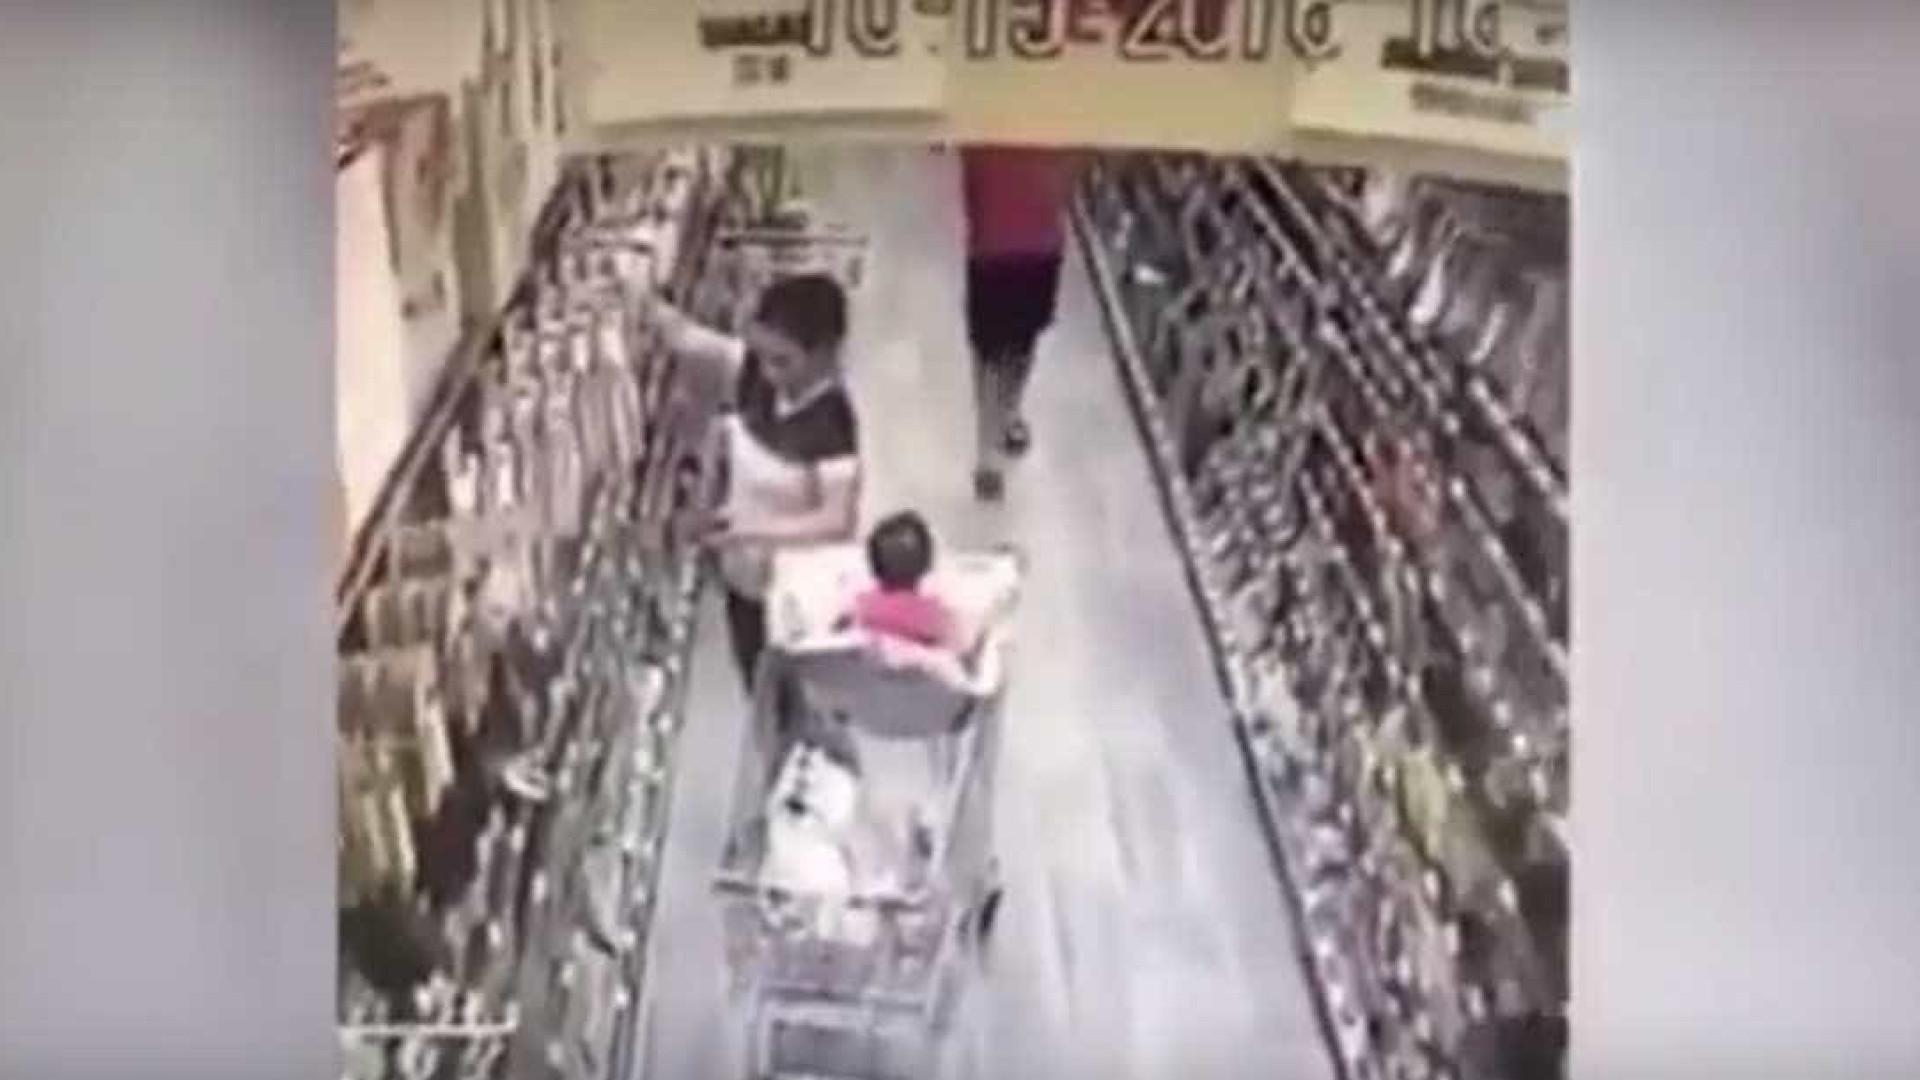 Vídeo mostra homem a tentar raptar bebé no supermercado